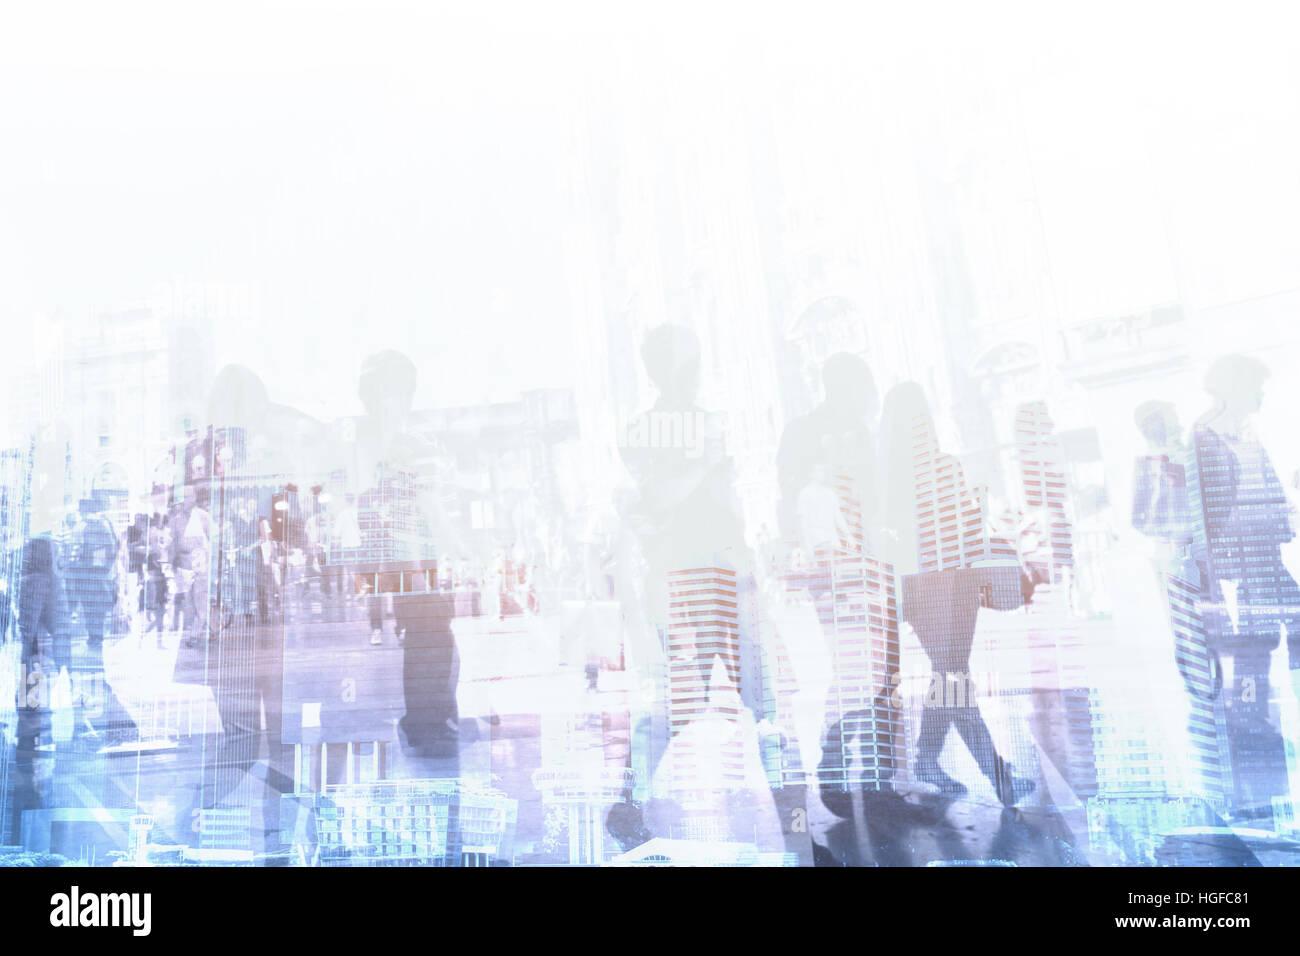 Affaires d'entreprise historique de l'entreprise, résumé les gens autour de immeubles de bureaux Photo Stock